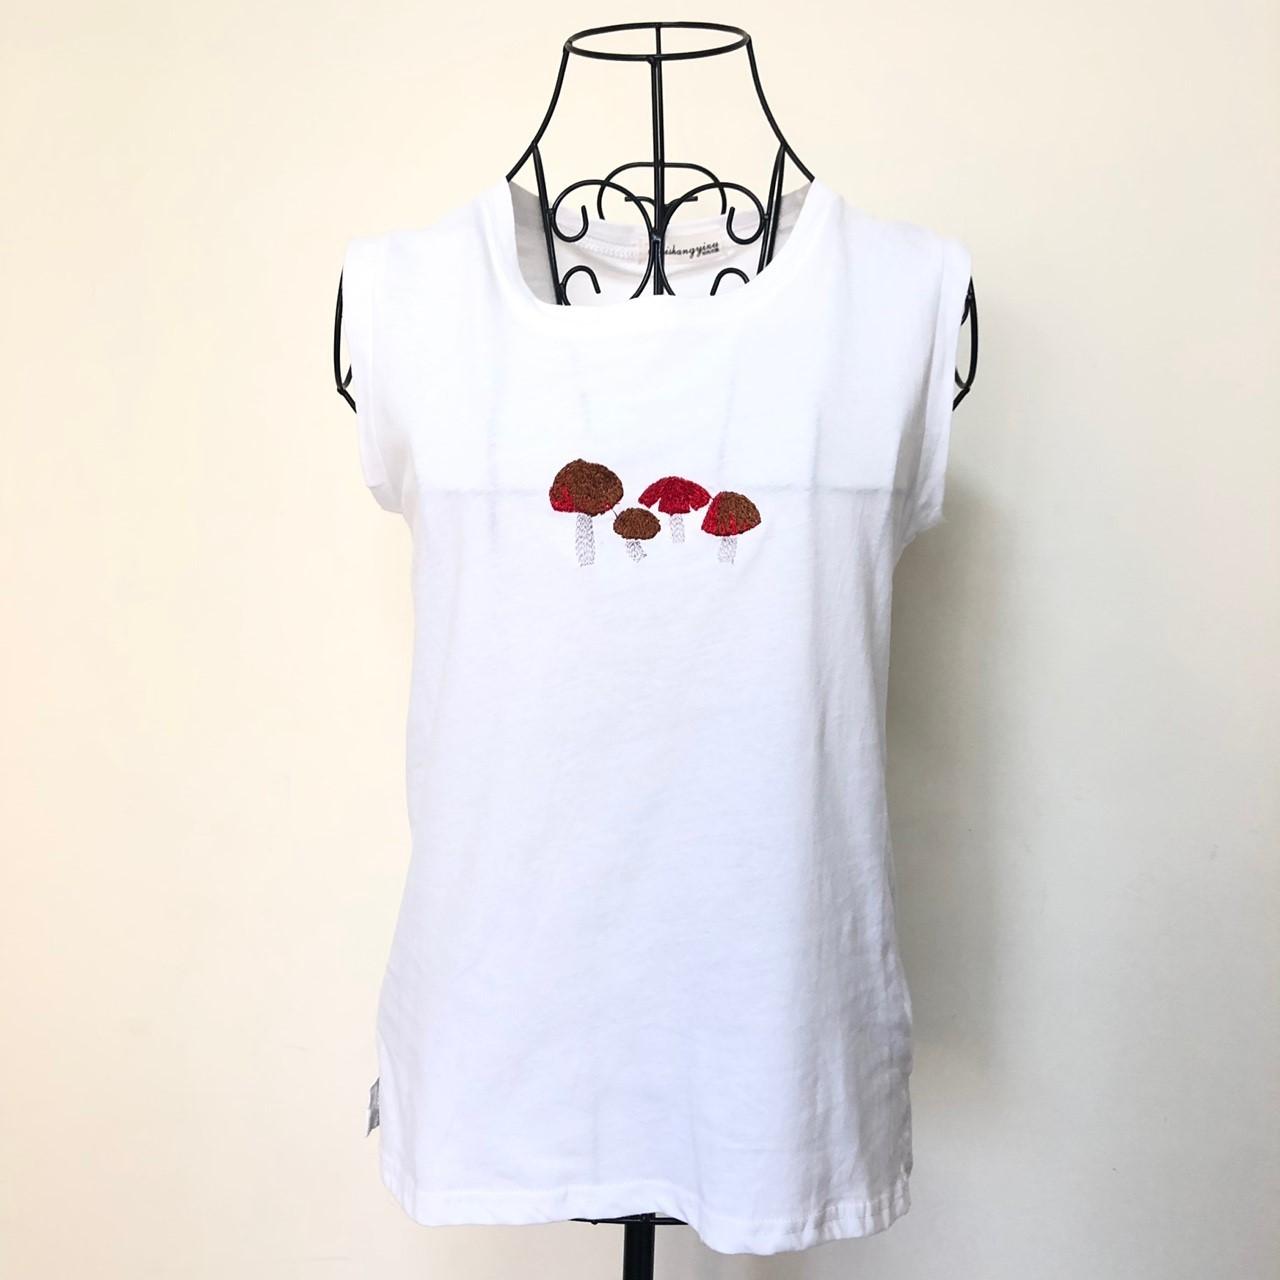 【現貨】夏季韓版無袖棉質蘑菇上衣(白色) X RUNWAY FASHION ICON